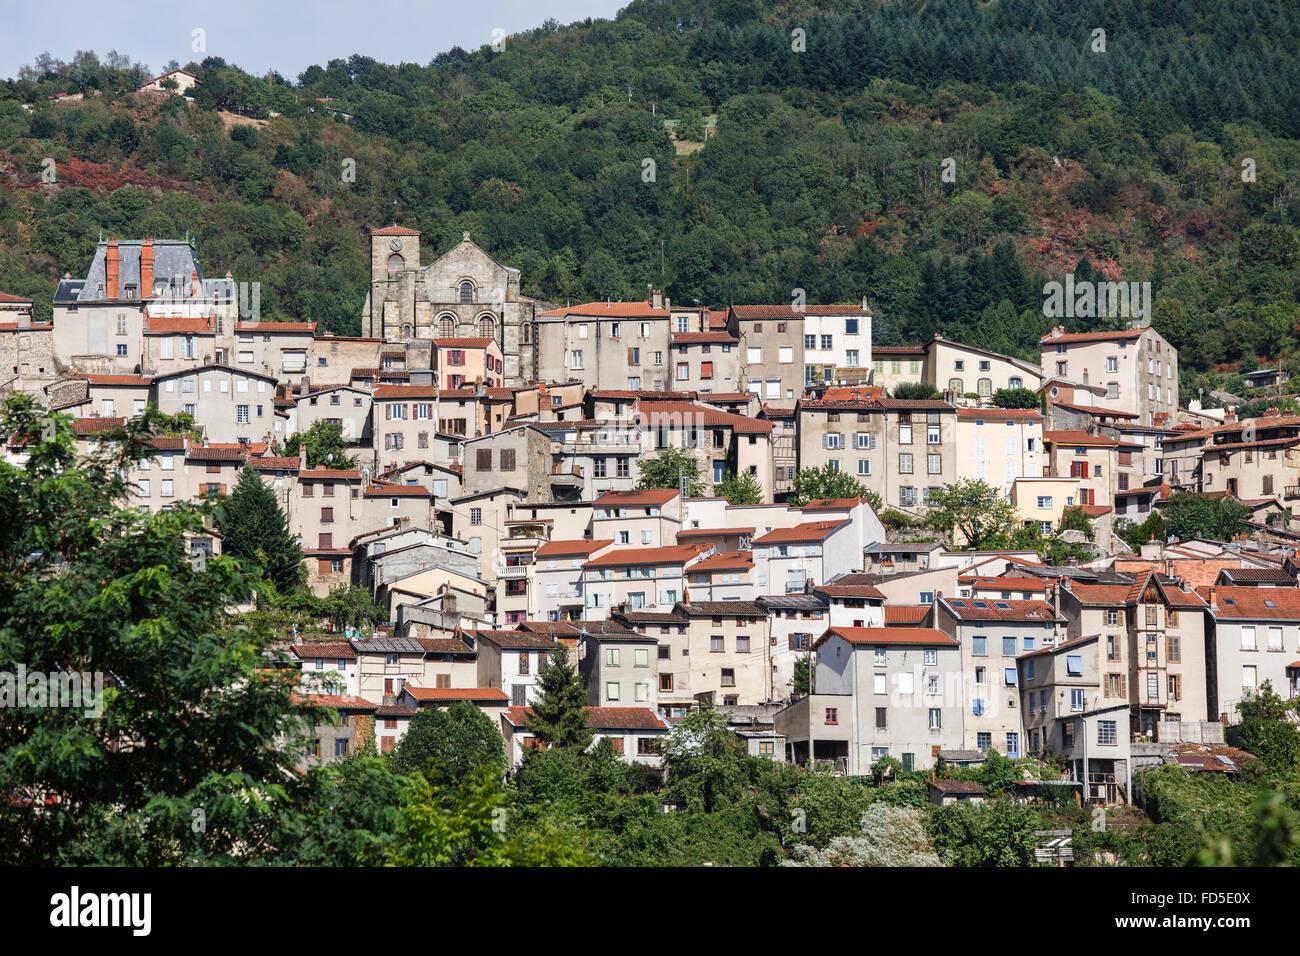 Thiers, Puy-de-Dôme, Auvergne, France - Stock Image